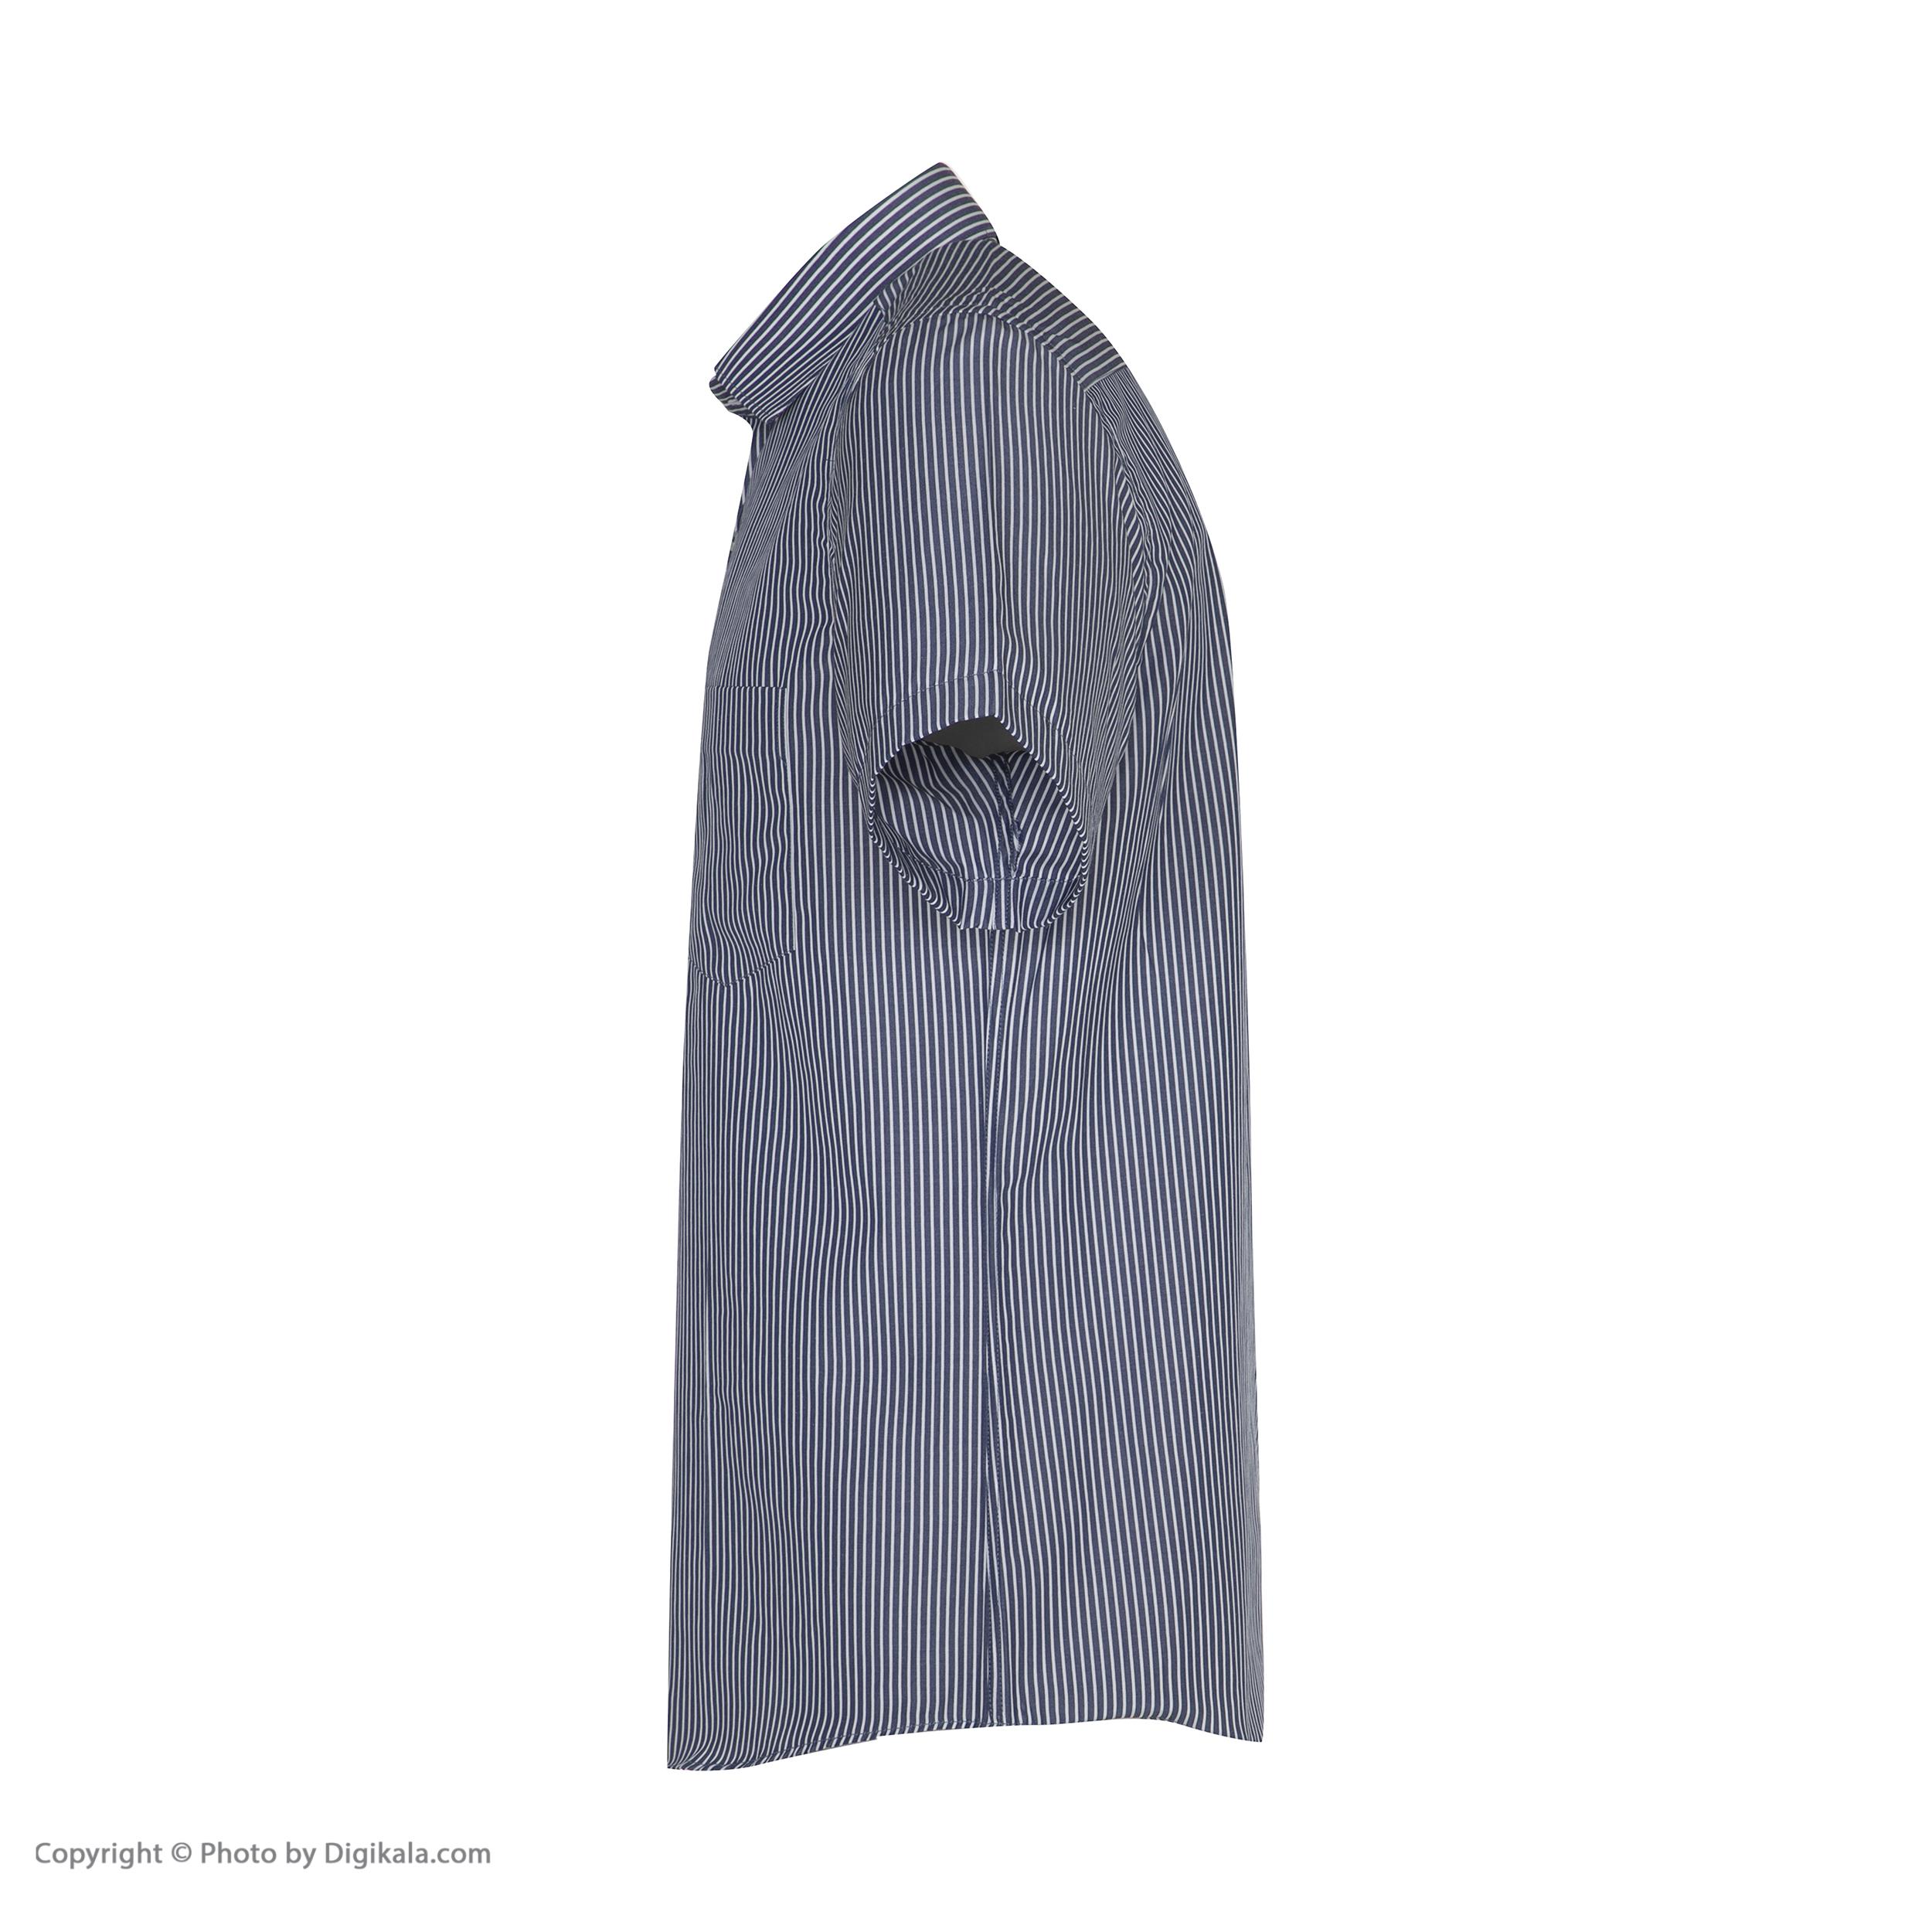 پیراهن آستین کوتاه مردانه مدل NO.2 main 1 3